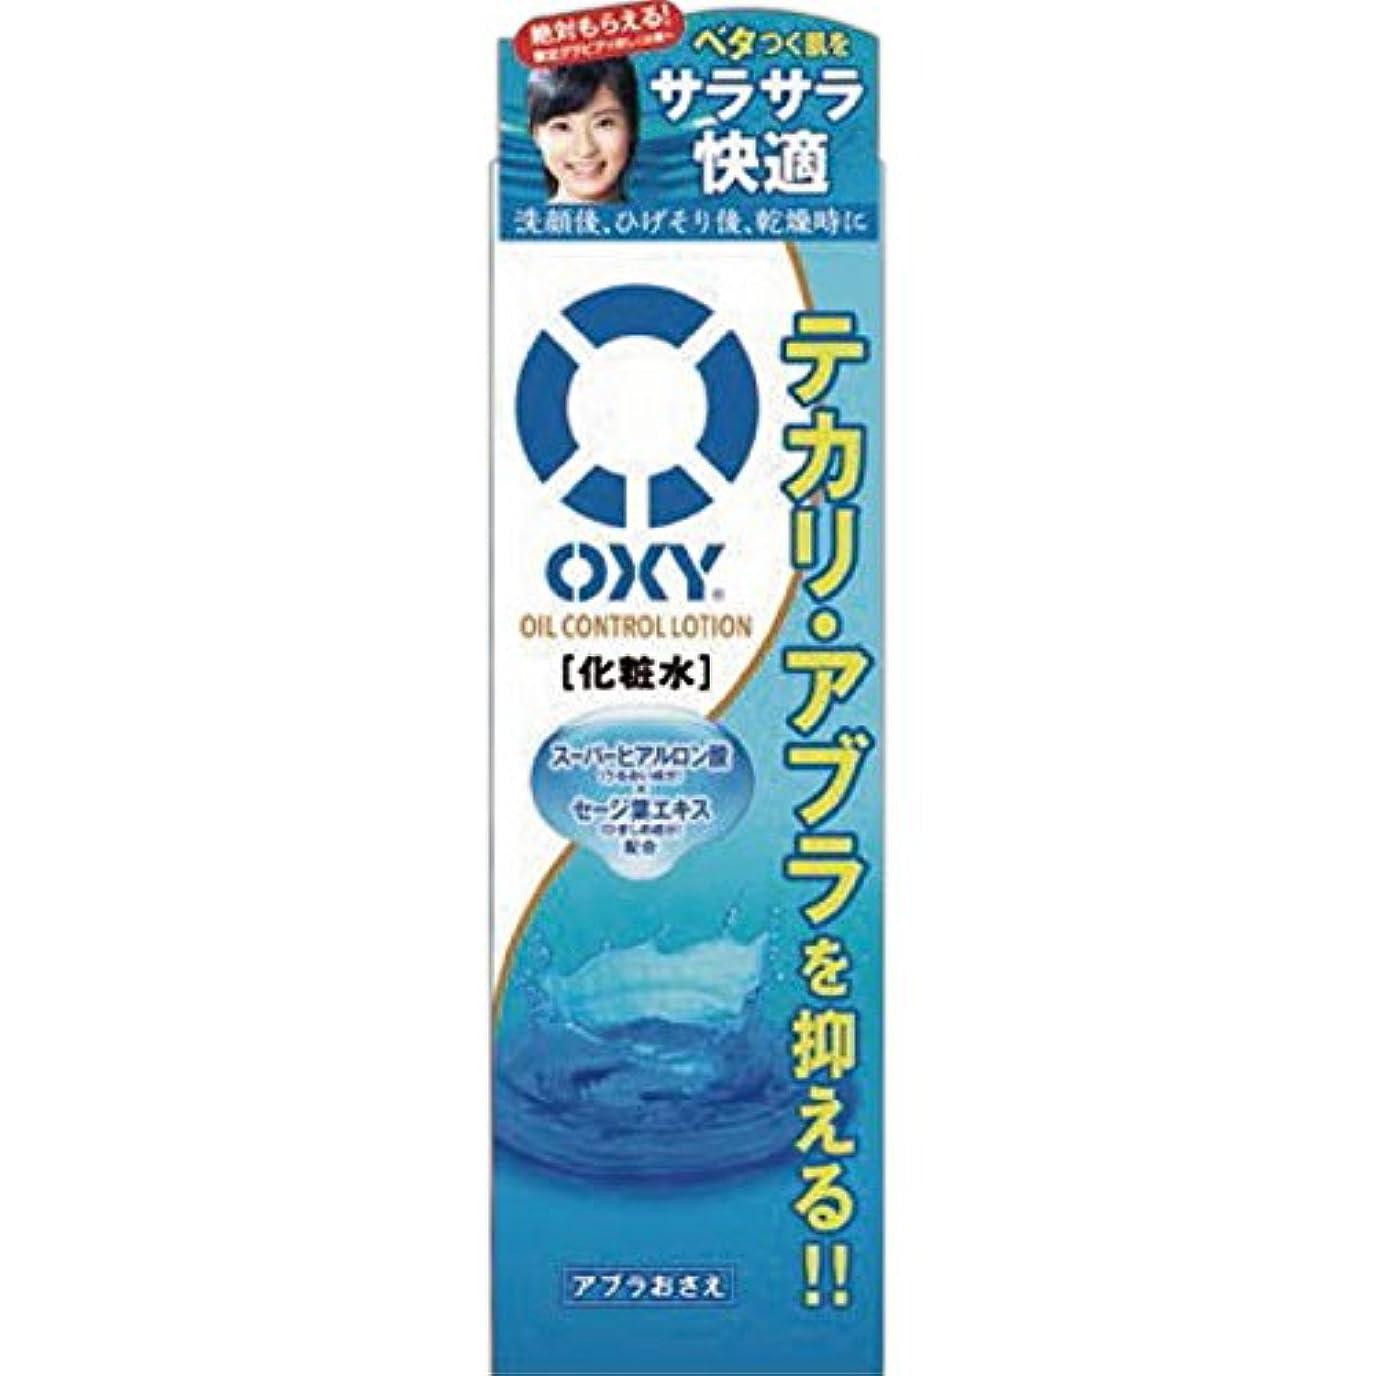 火山決済メインオキシー (Oxy) オイルコントロールローション スーパーヒアルロン酸×セージ葉エキス配合 ゼラニウムの香 170mL